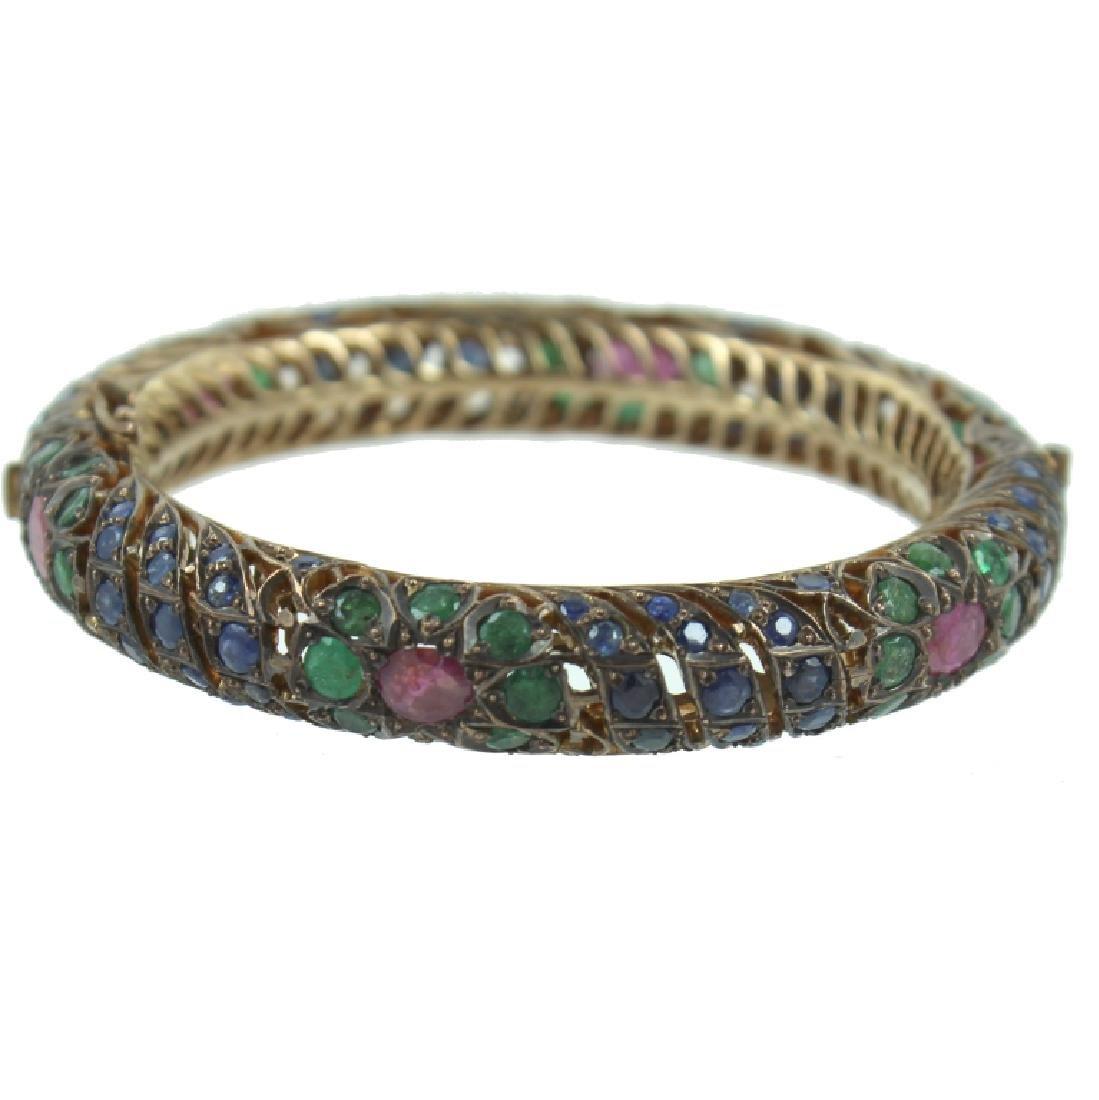 Middle Eastern 8K Ruby, Sapphire, Emerald Bracelet